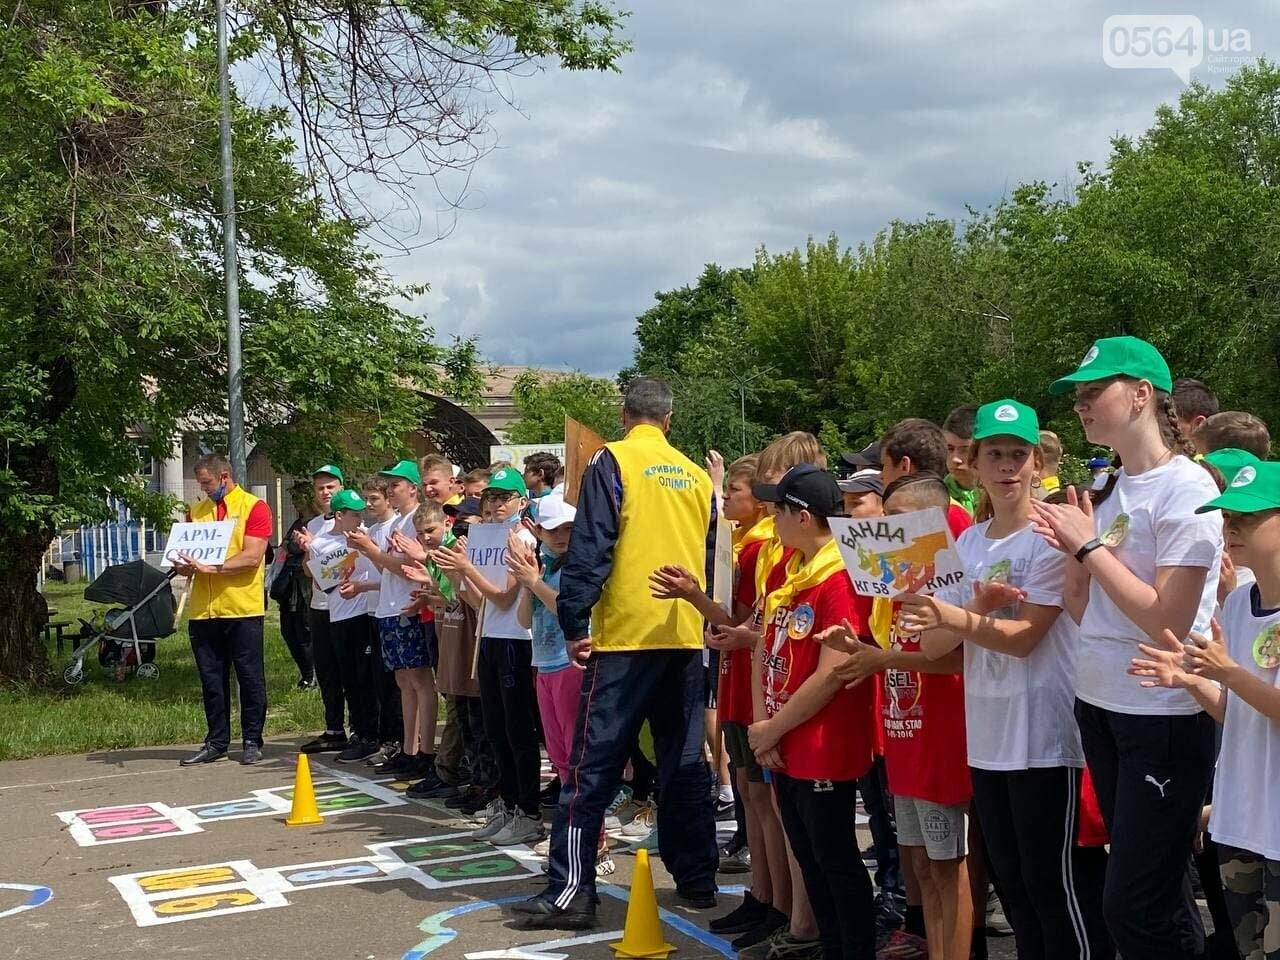 В Кривом Роге для детей провели спартакиаду, - ФОТО, ВИДЕО  , фото-32